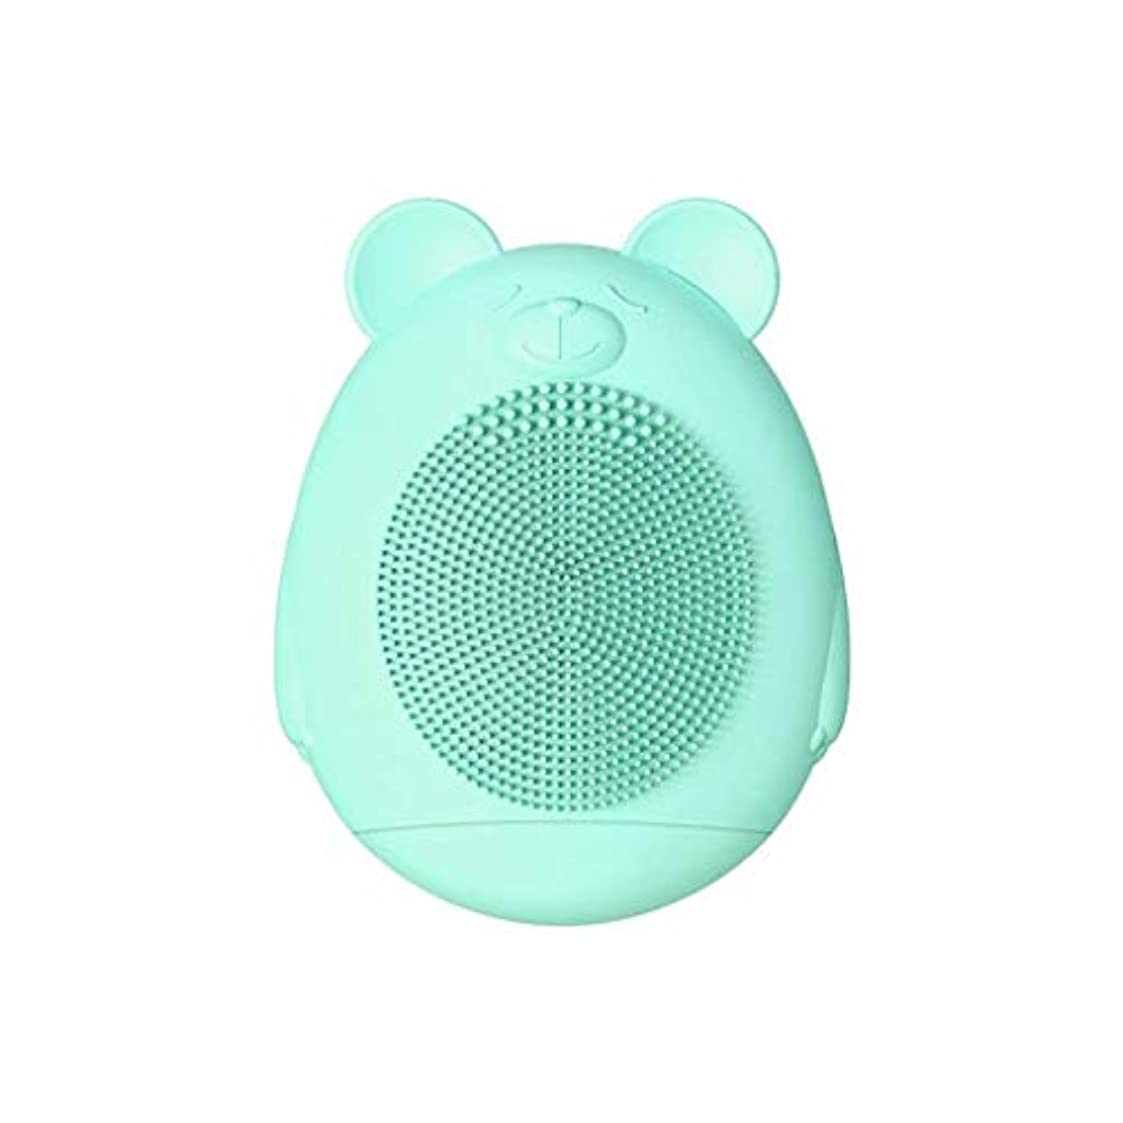 悲鳴成長する雰囲気フェイシャルクレンジングブラシ、ディープクレンジング用の防水ワイヤレス充電式シリコンフェイシャルクレンザー、穏やかな角質除去、黒ずみの除去、アンチエイジングマッサージ (Color : 青)